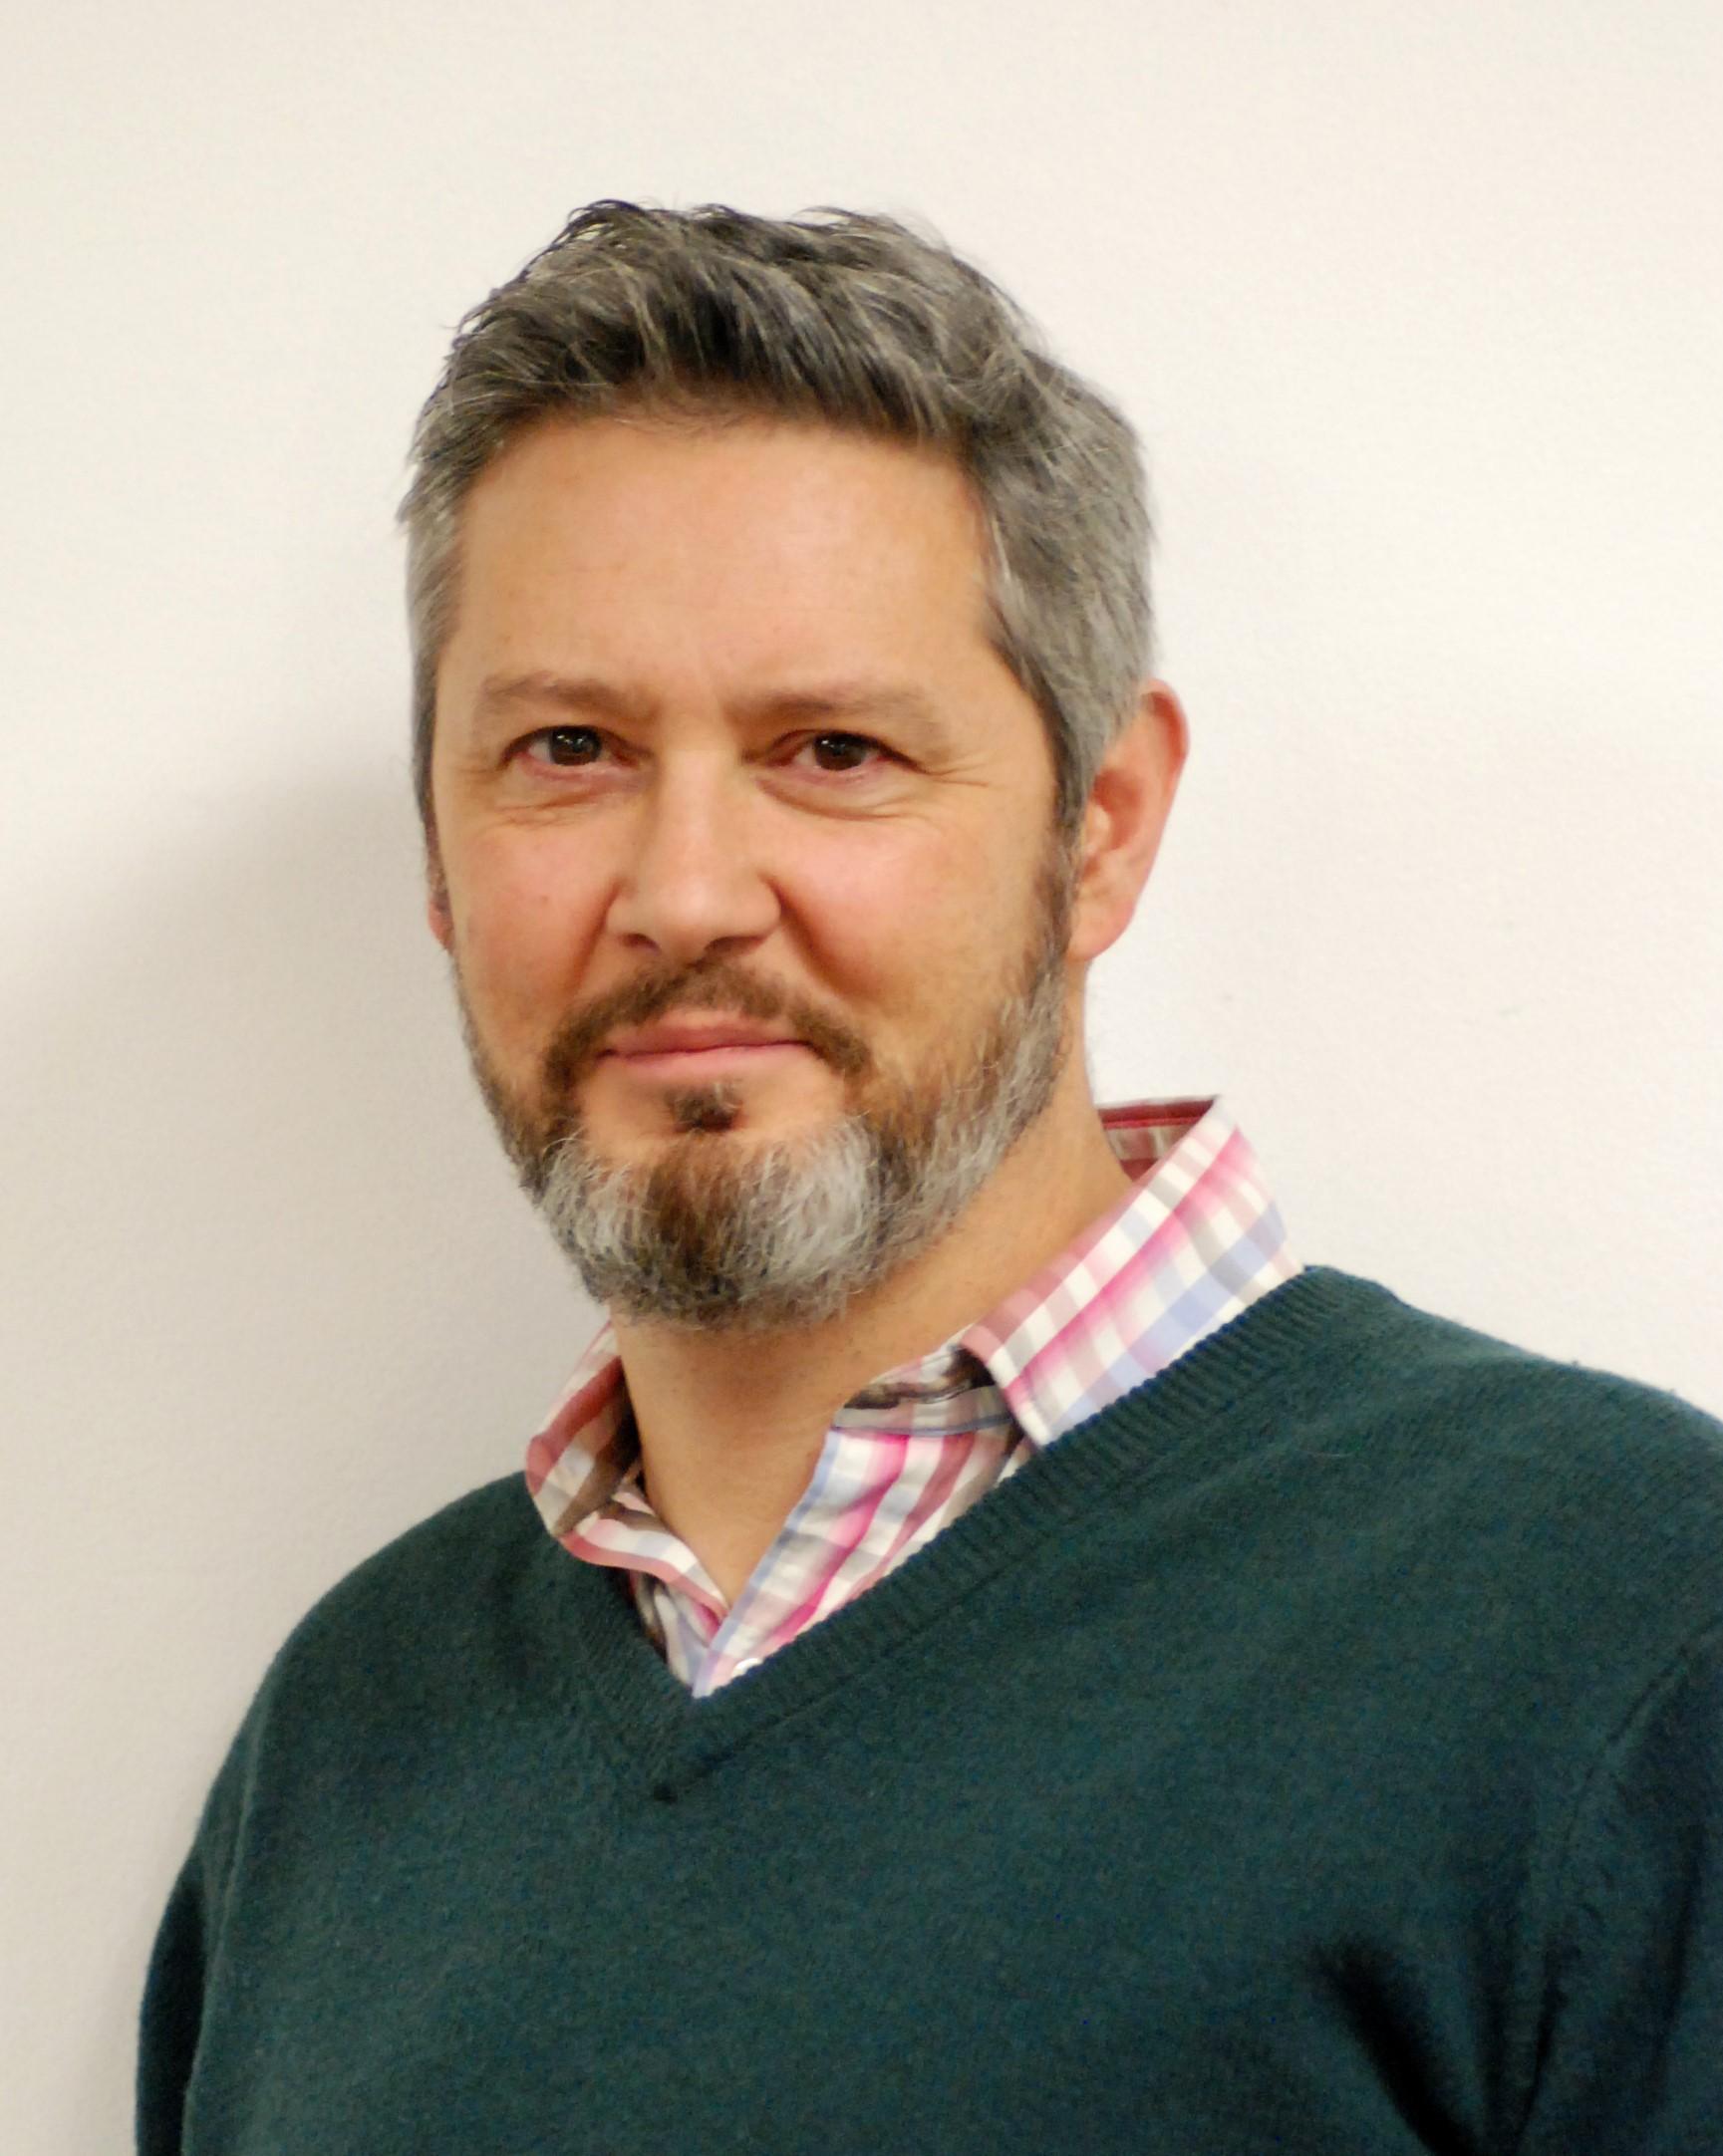 Ewan Stickley